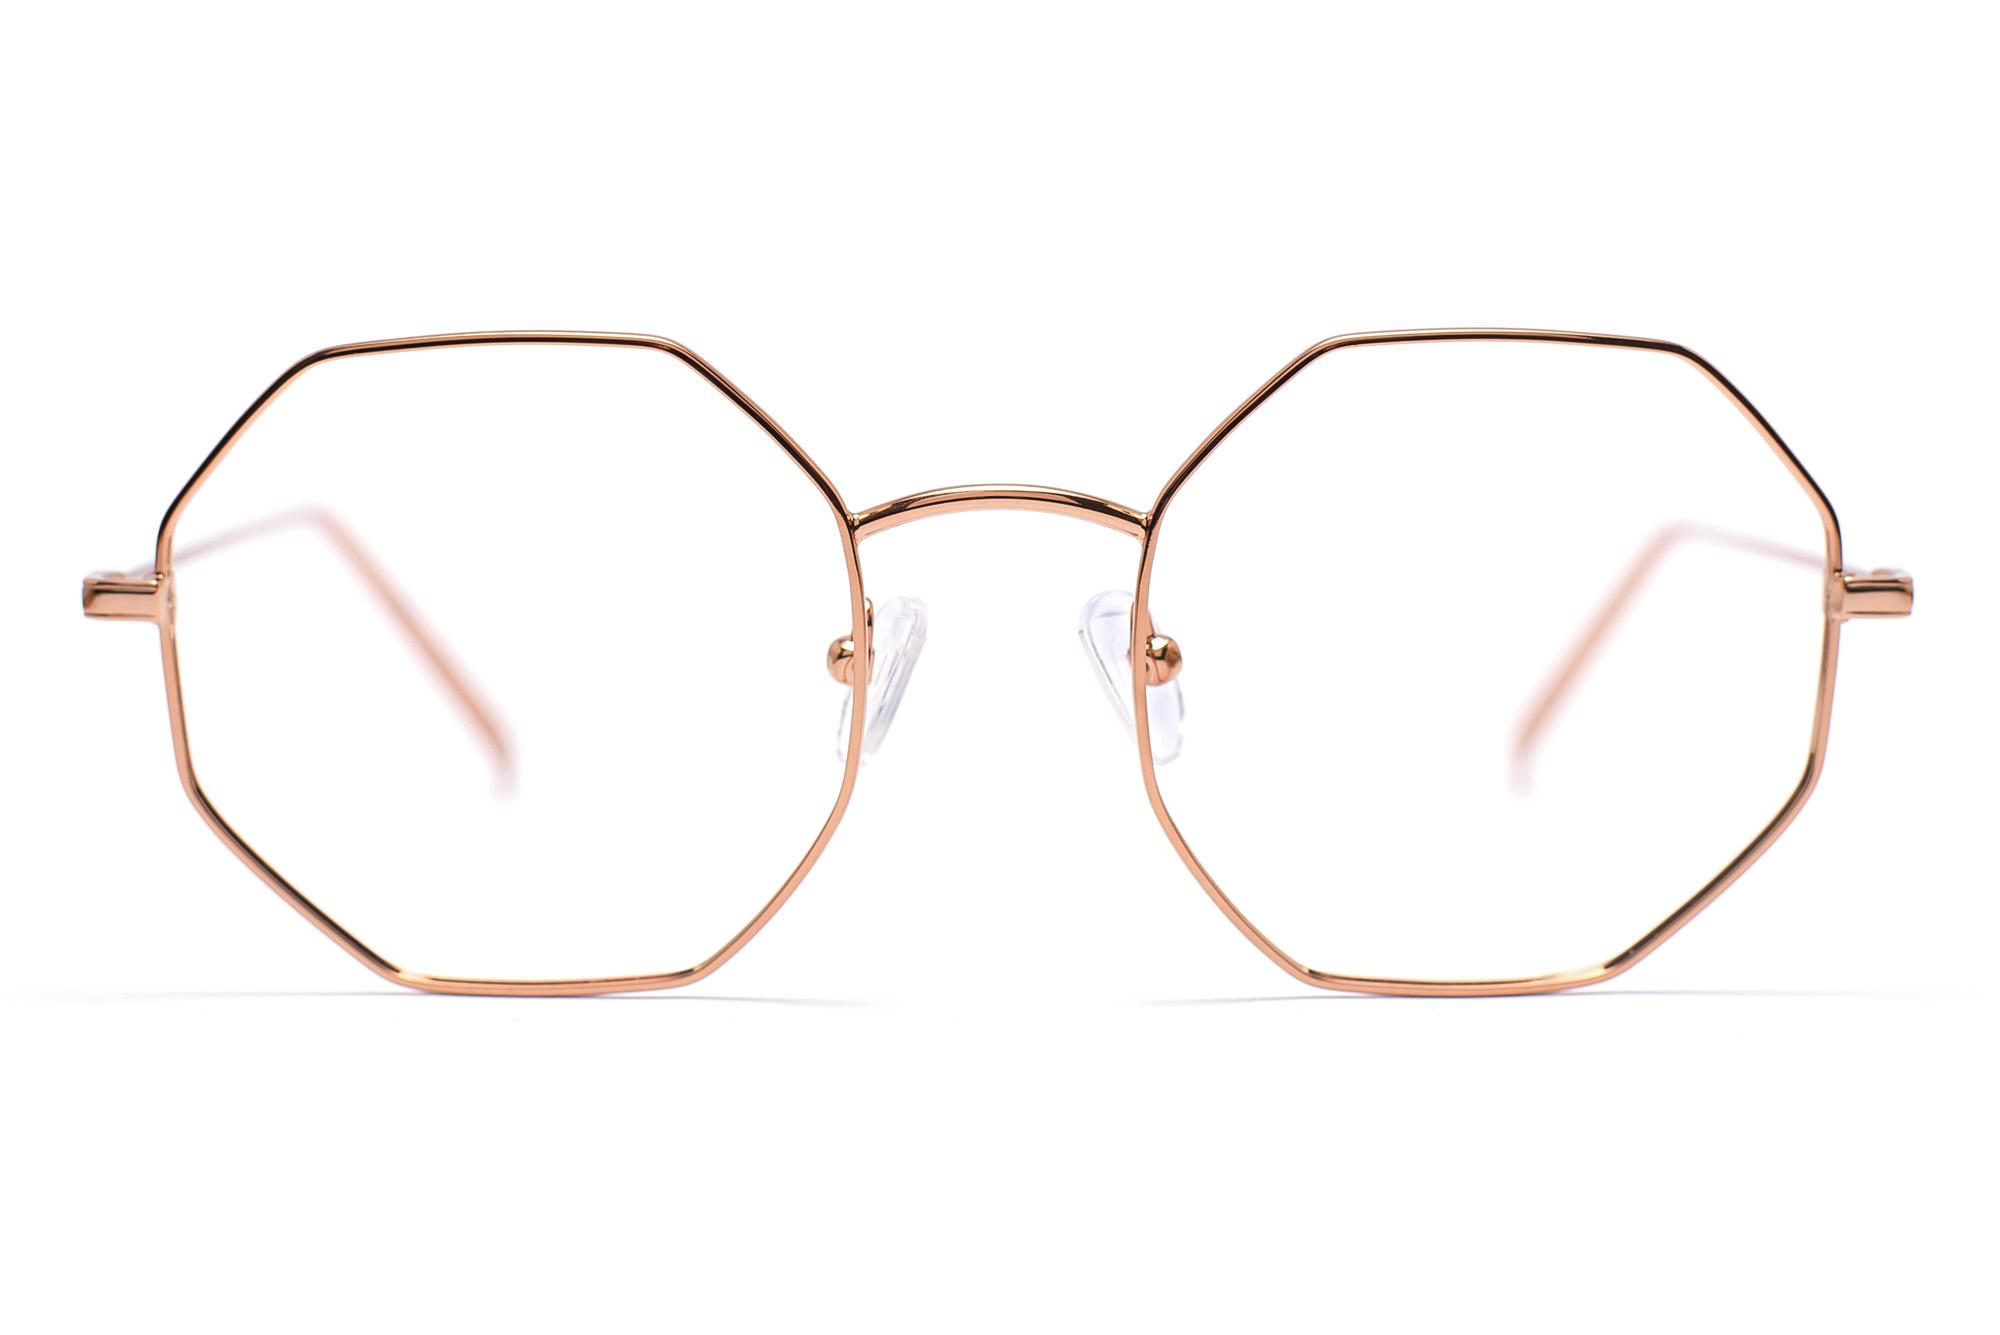 Γυαλιά οράσεως Bluesky Obira Rose Πειραιάς